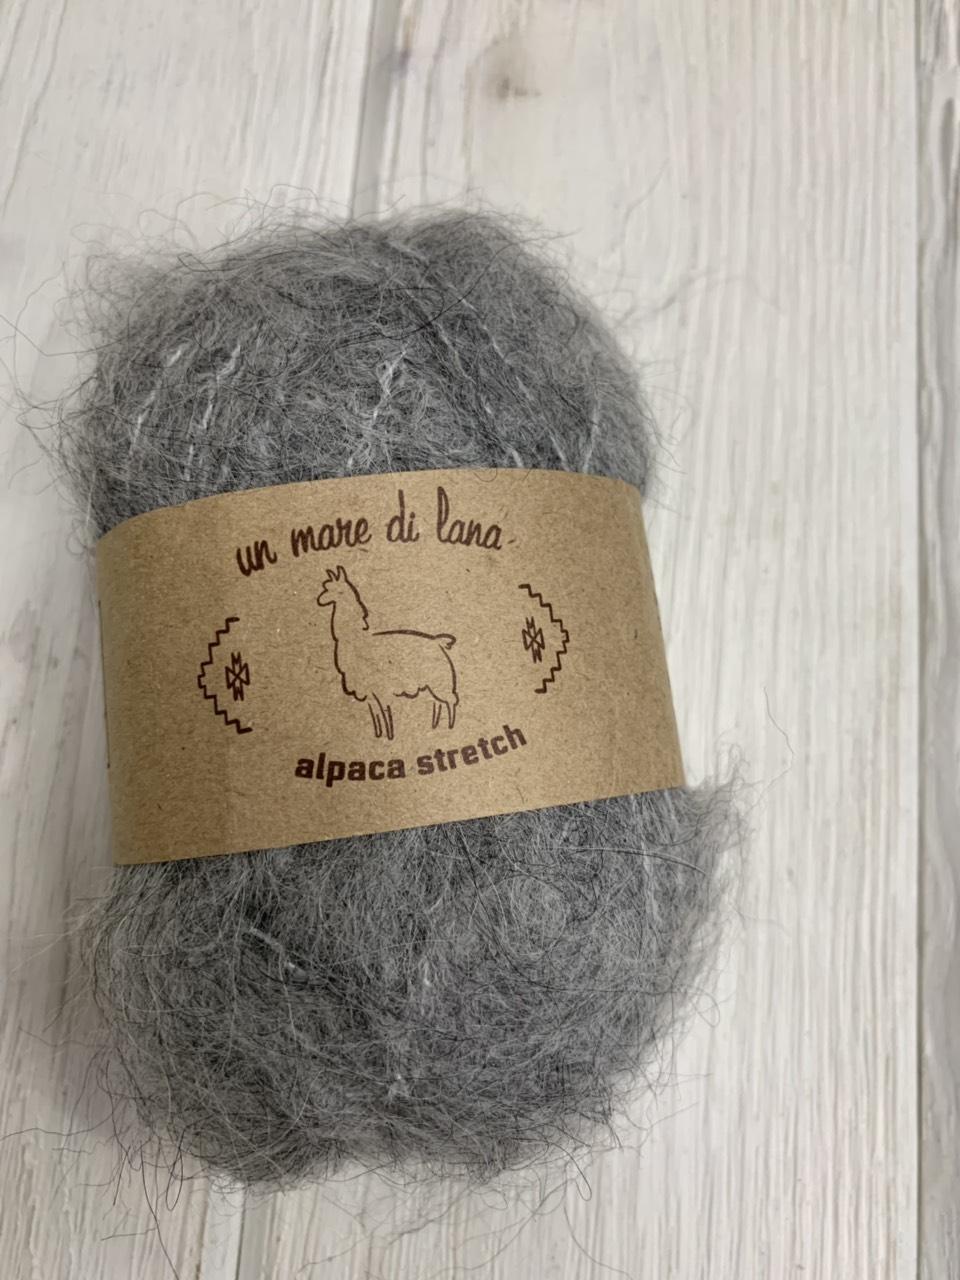 Alpaca Stretch Wool Sea (Альпака Стрейч Море шерсти) 174 - серый купить со скидкой в Минске